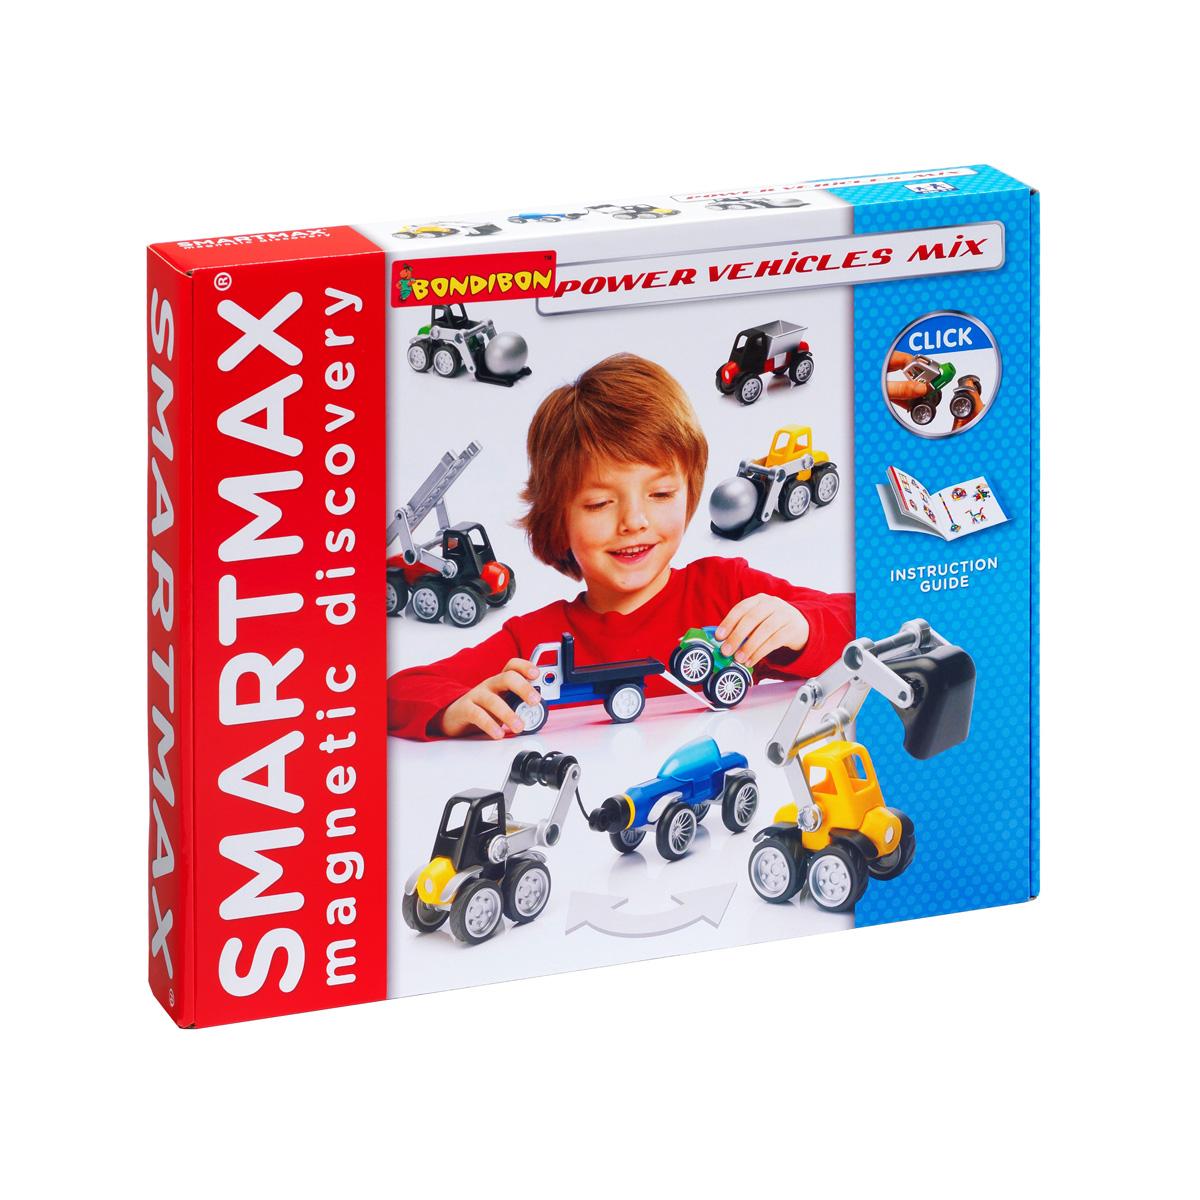 Bondibon Конструктор магнитный Smartmax Мощная техникаВВ0909Магнитный конструктор Bondibon Smartmax Специальный набор: Мощная техника непременно придется по душе вашему ребенку и займет его внимание надолго. В комплект входят 26 элементов, из которых ребенок сможет собрать бульдозер, пожарную машину, погрузчик, эвакуатор, внедорожник-пикап или минивэн. Кабины, ковши, колеса и другие элементы машины легко крепятся на магнитных палочках конструктора. Легкие и удобные для детской ручки детали изготовлены из качественного цветного пластика, безопасного для здоровья. Внутри некоторых элементов расположены надежно запаянные магниты. Конструктор совместим с другими наборами данной серии, так что ребенок сможет не только собирать предложенные модели, но и придумывать свои собственные. Игра с конструктором развивает у детей мелкую моторику, усидчивость, воображение, пространственное и образное мышление.